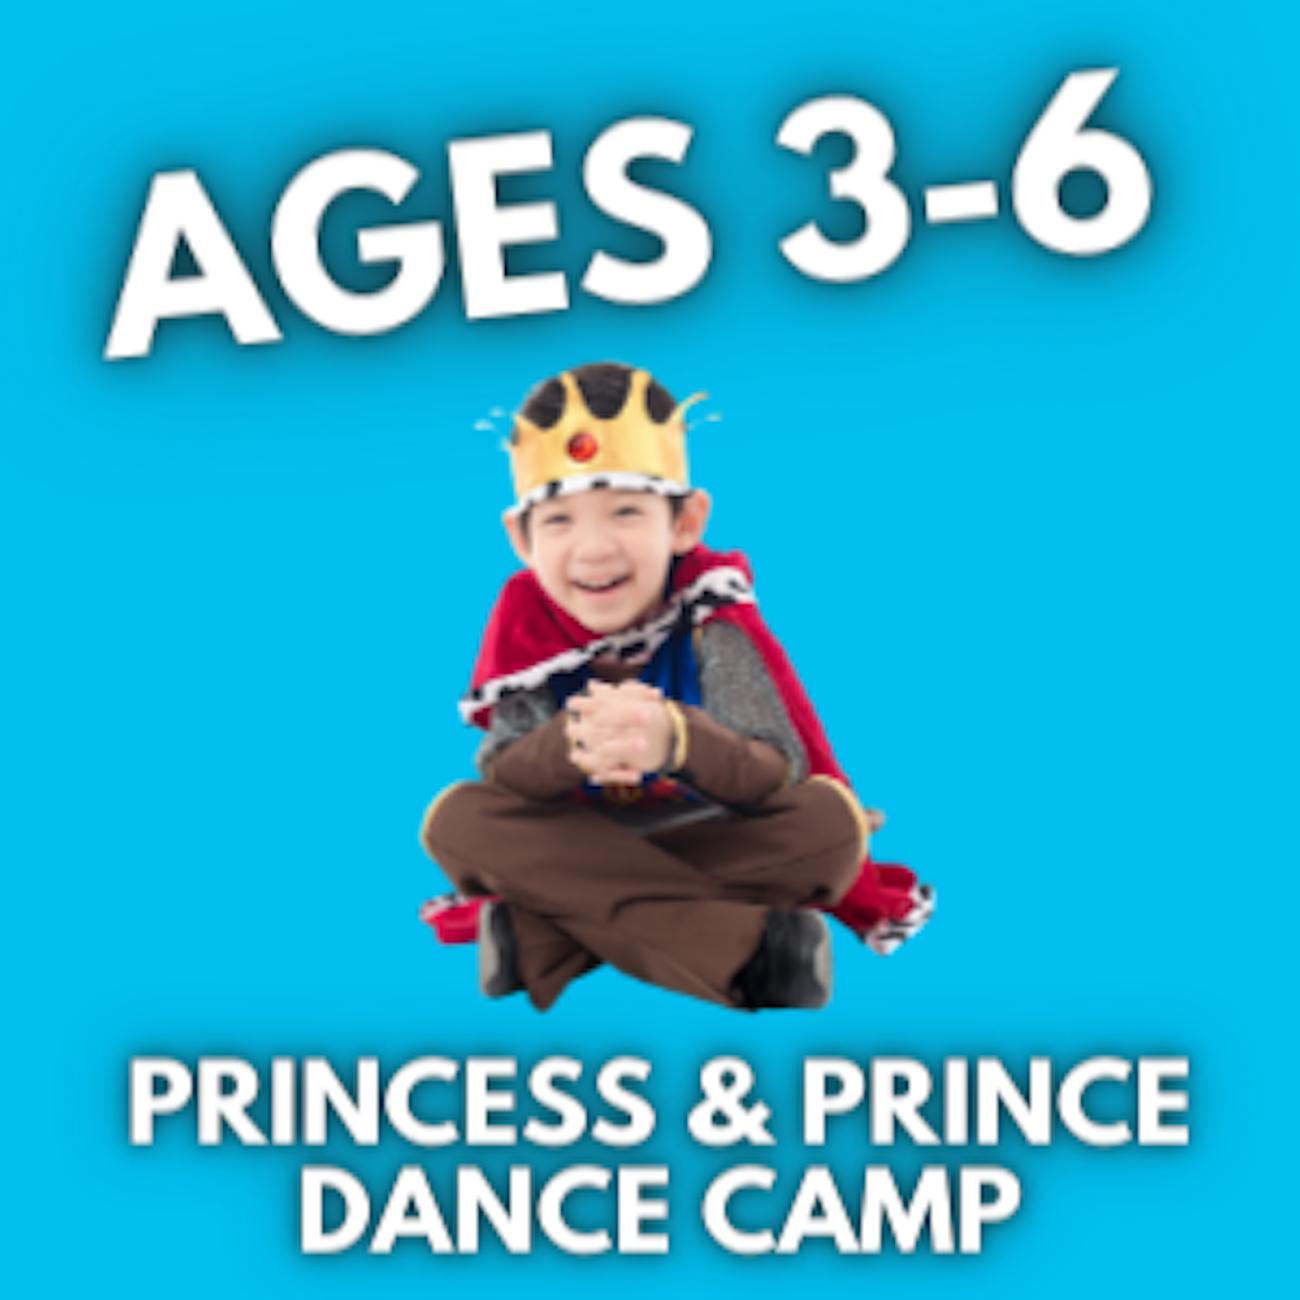 Princess & Prince Dance Camp